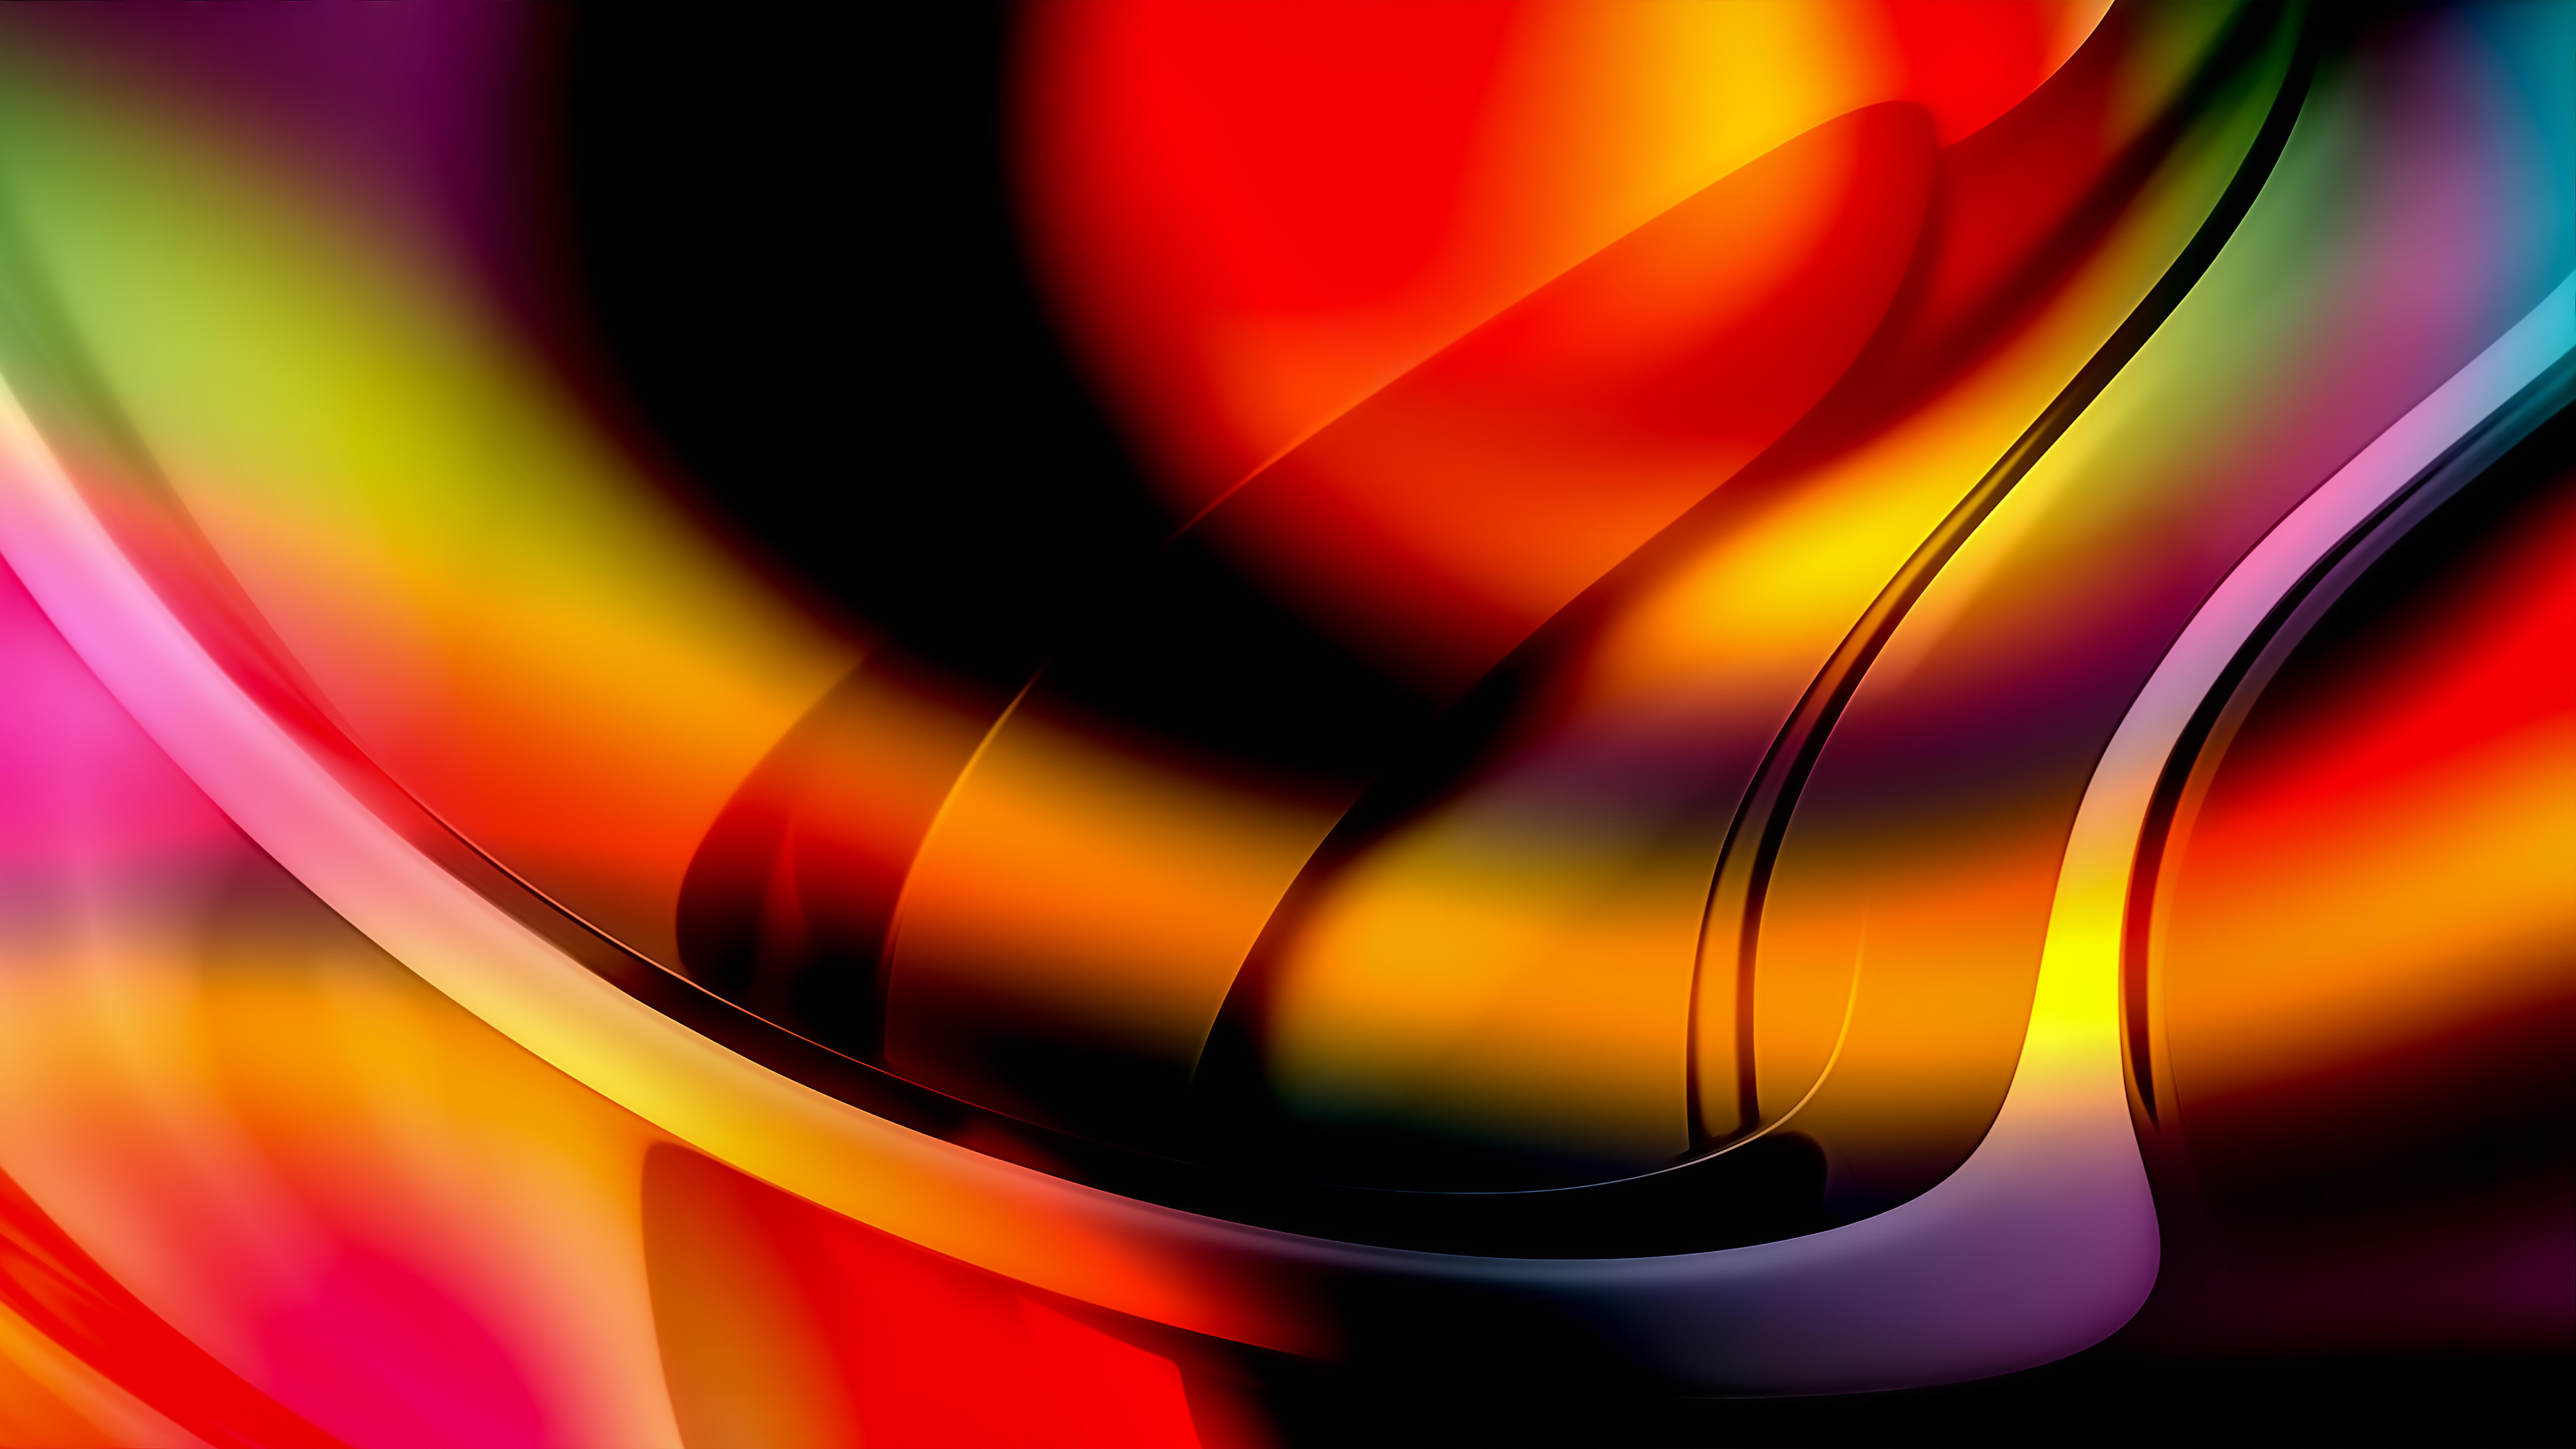 abstract quad tone 4k 1602439164 - Abstract Quad Tone 4k - Abstract Quad Tone 4k wallpapers